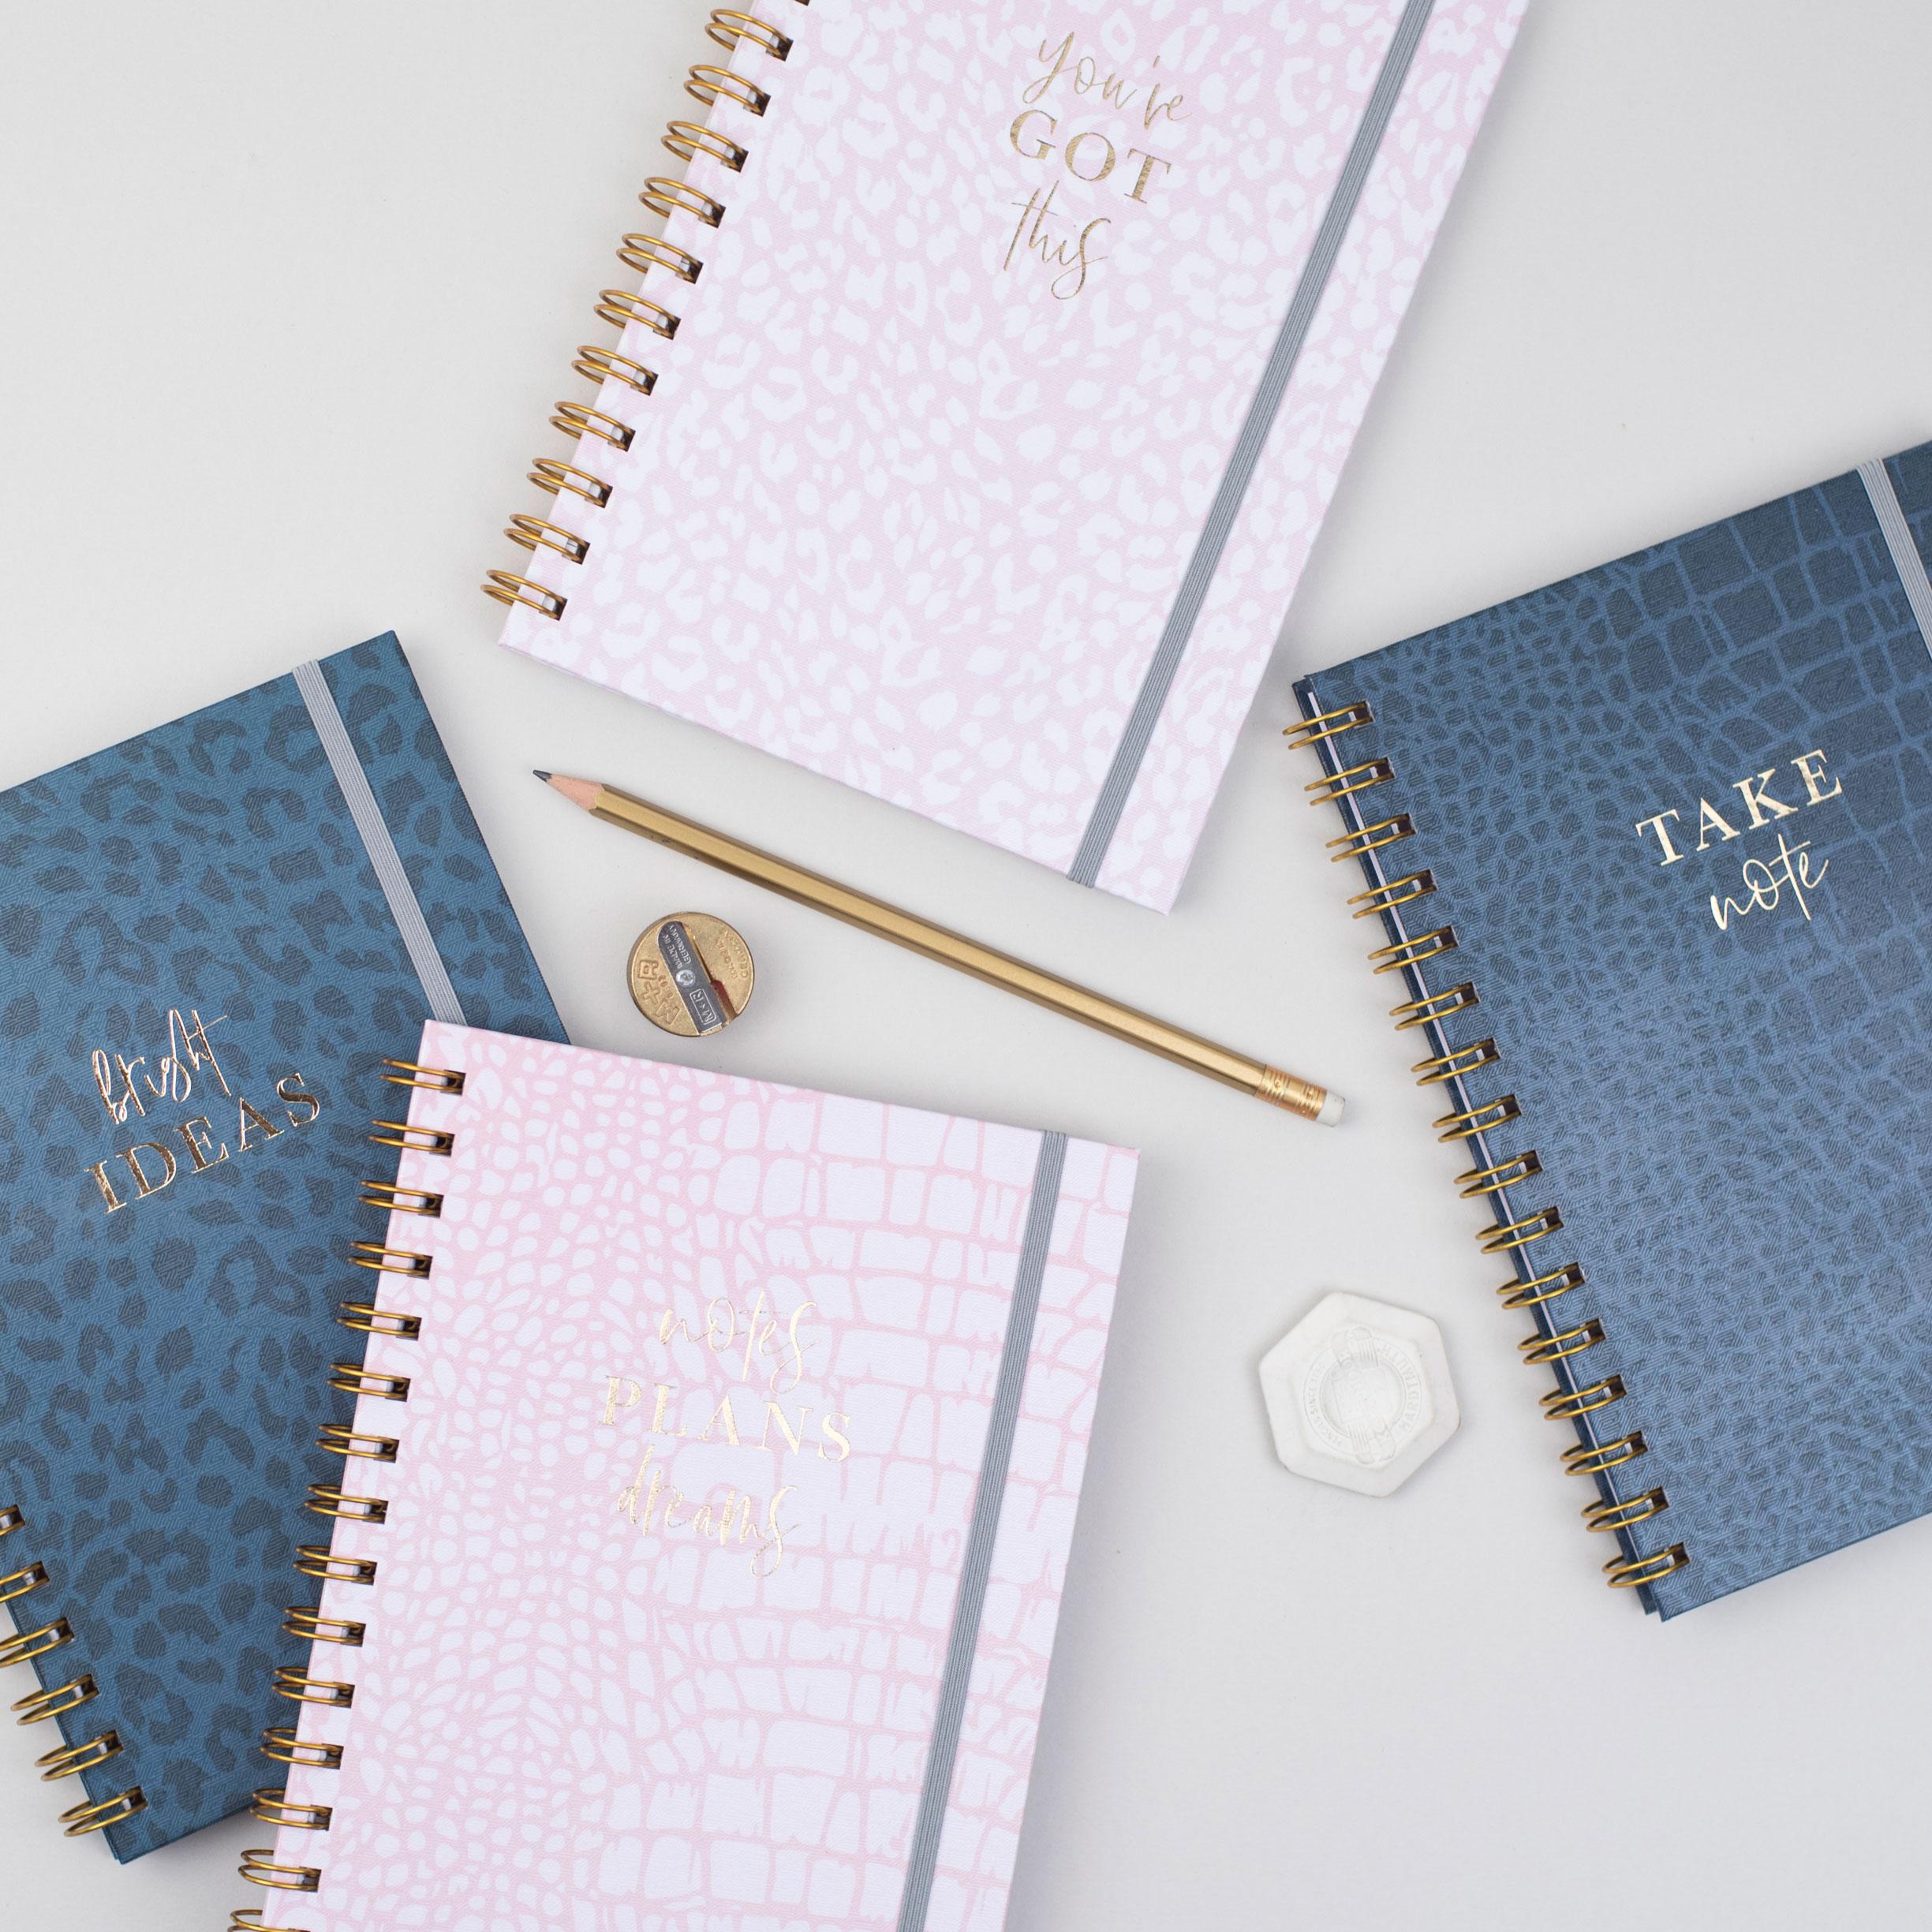 foiled-notebooks-3.jpg